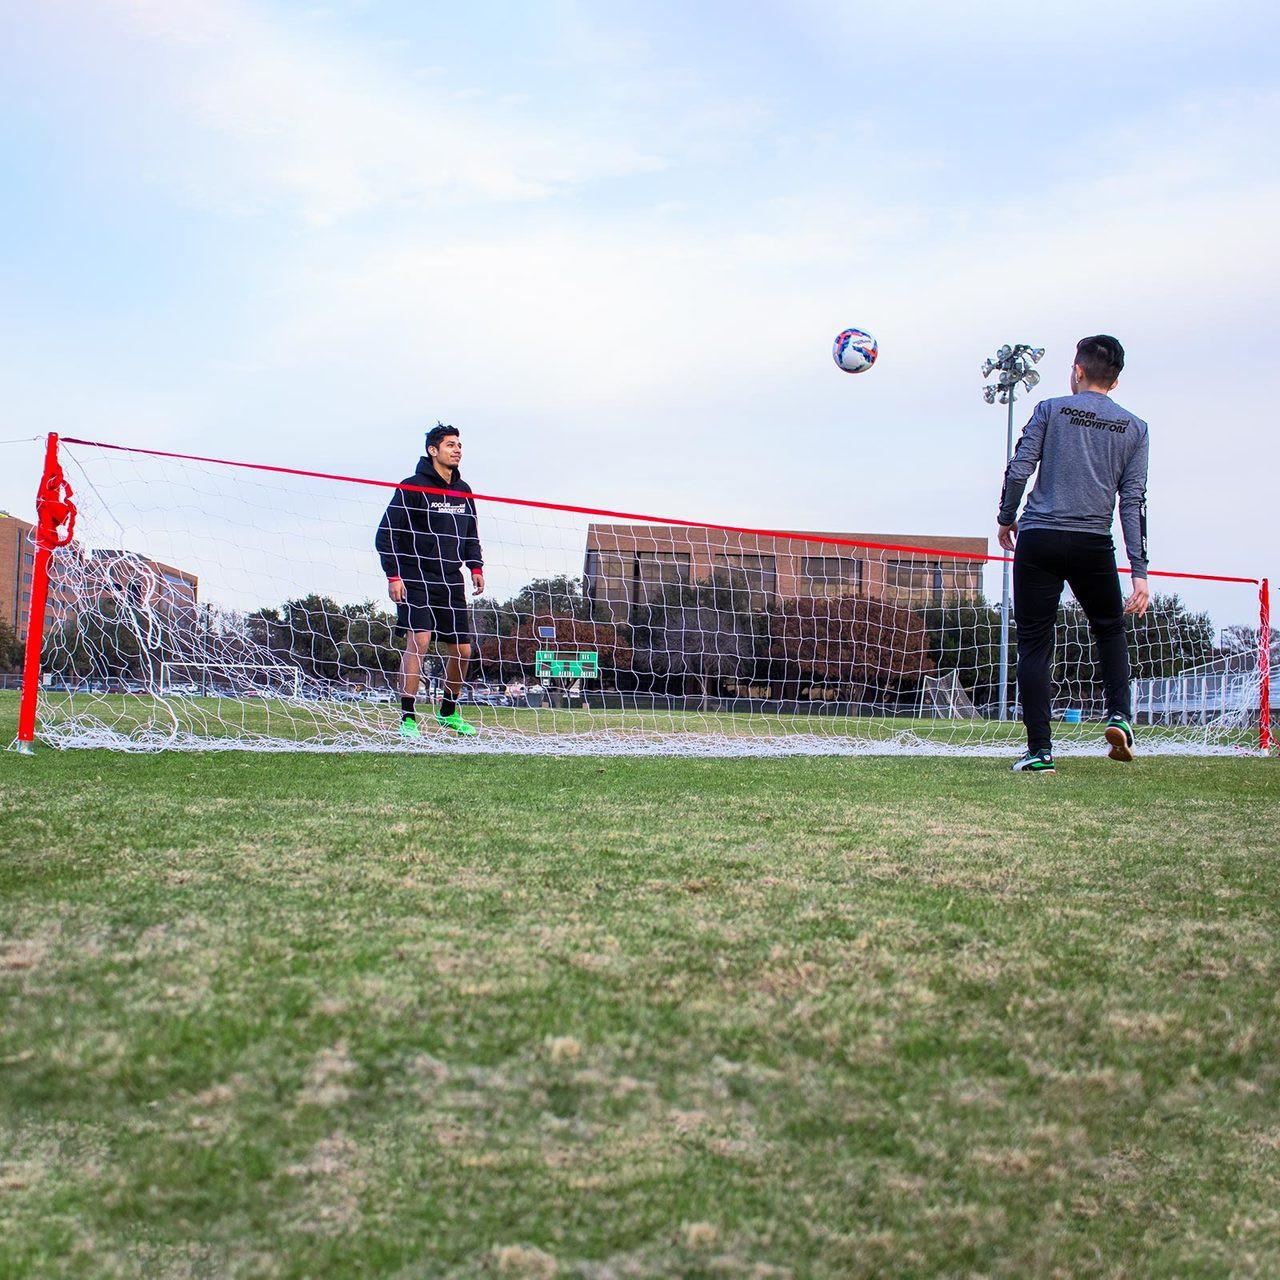 856a3861c ... J-Goal Regulation Size Portable Goal Soccer Tennis | Soccer Innovations  Training Equipment & Soccer ...